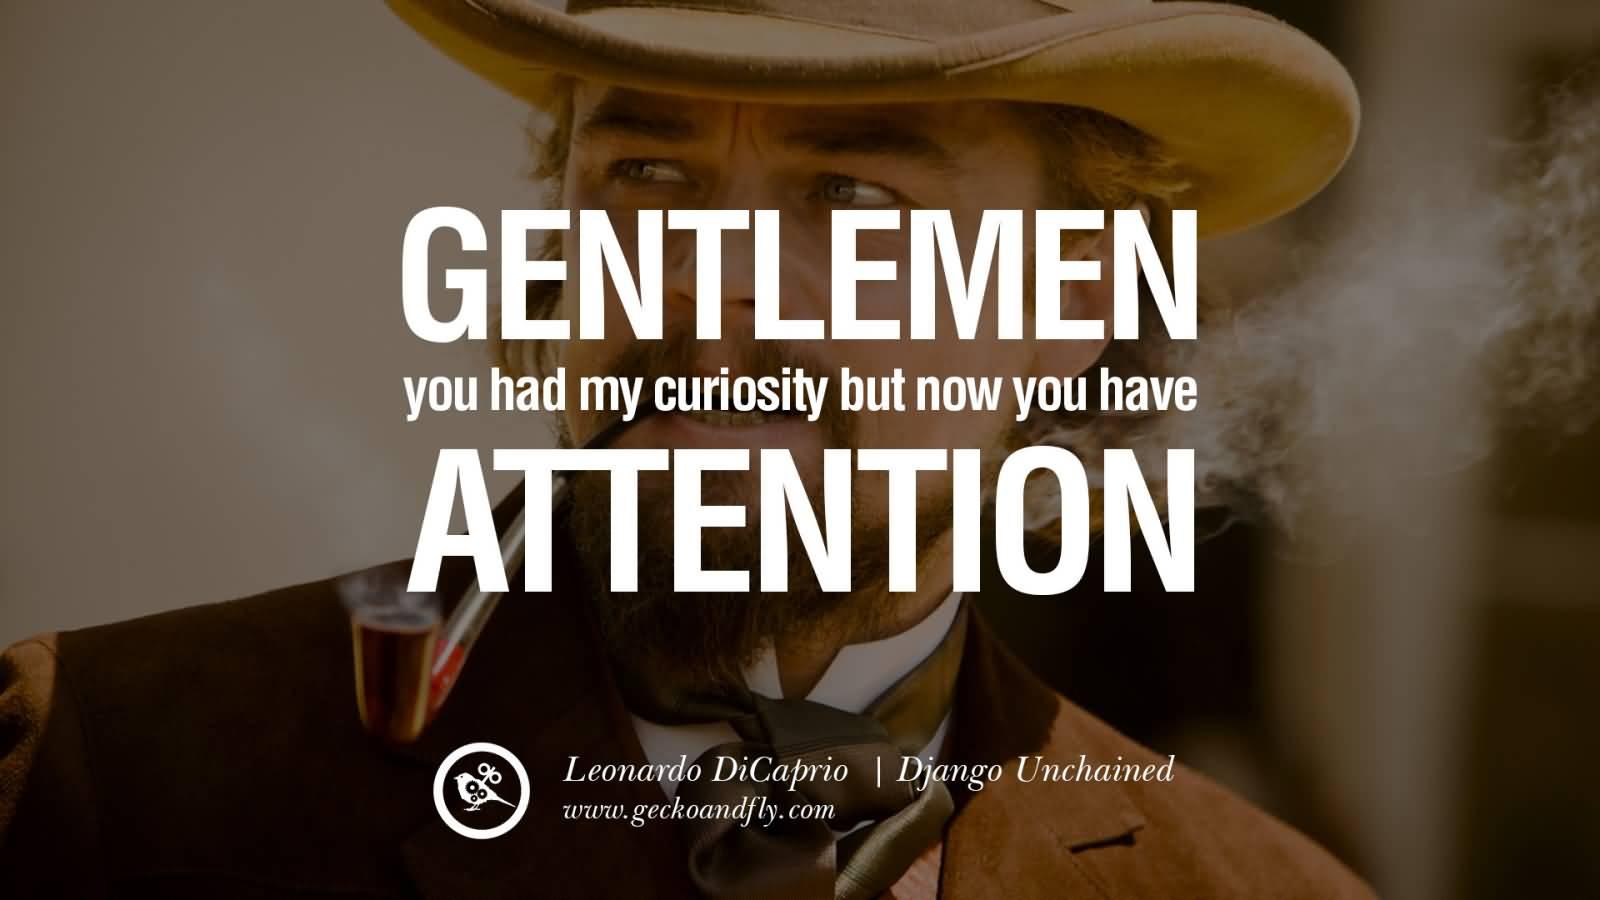 Gentlemen you had my curiosity ... but now you have attention Django Unchaine gentlemen you had my curiosity but now you have attention